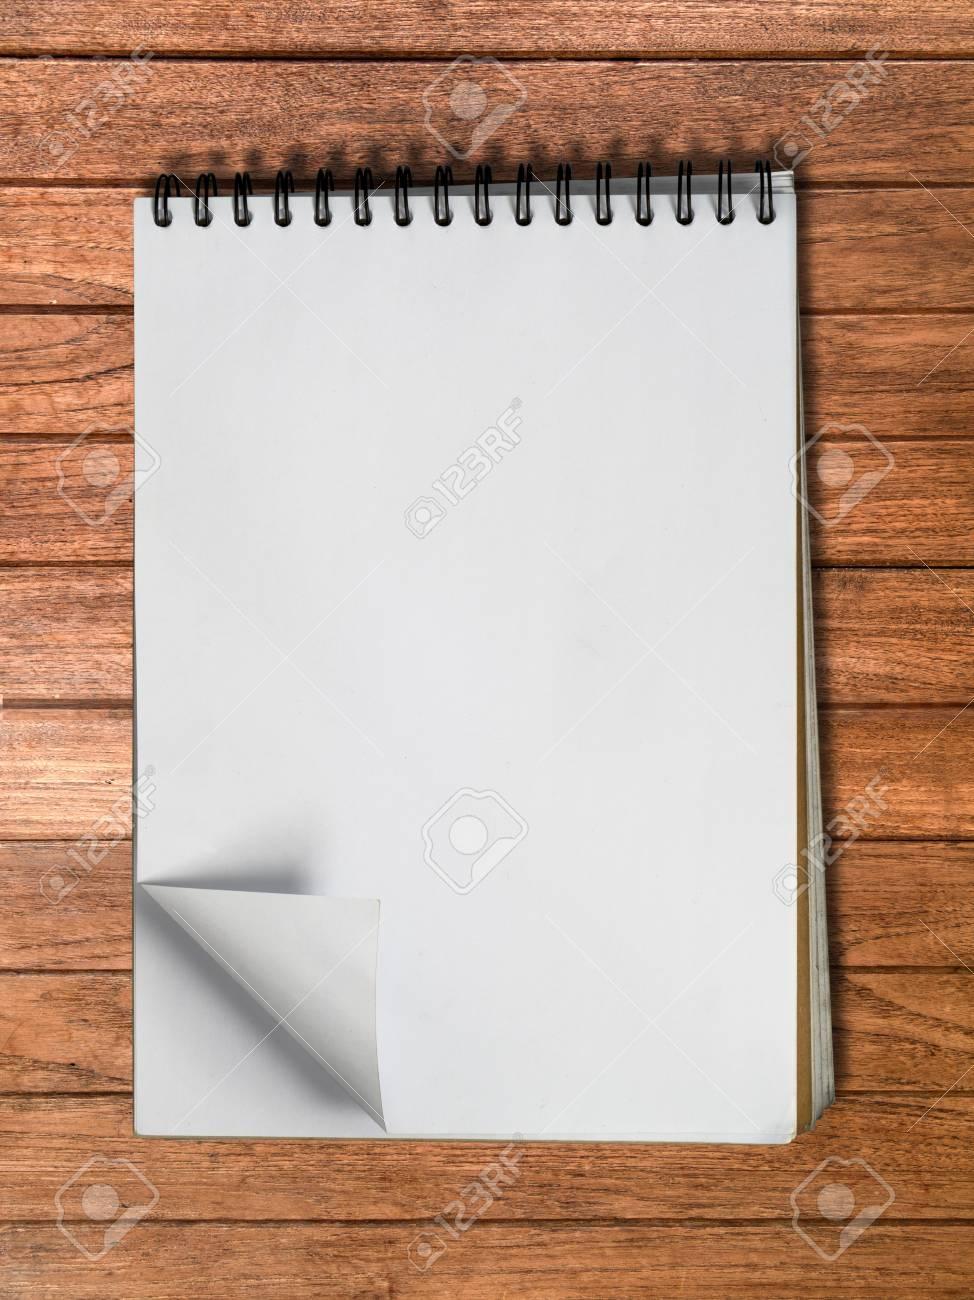 bebb1cfbe Blanco cuaderno de dibujo una página vertical en madera de fondo de la tabla